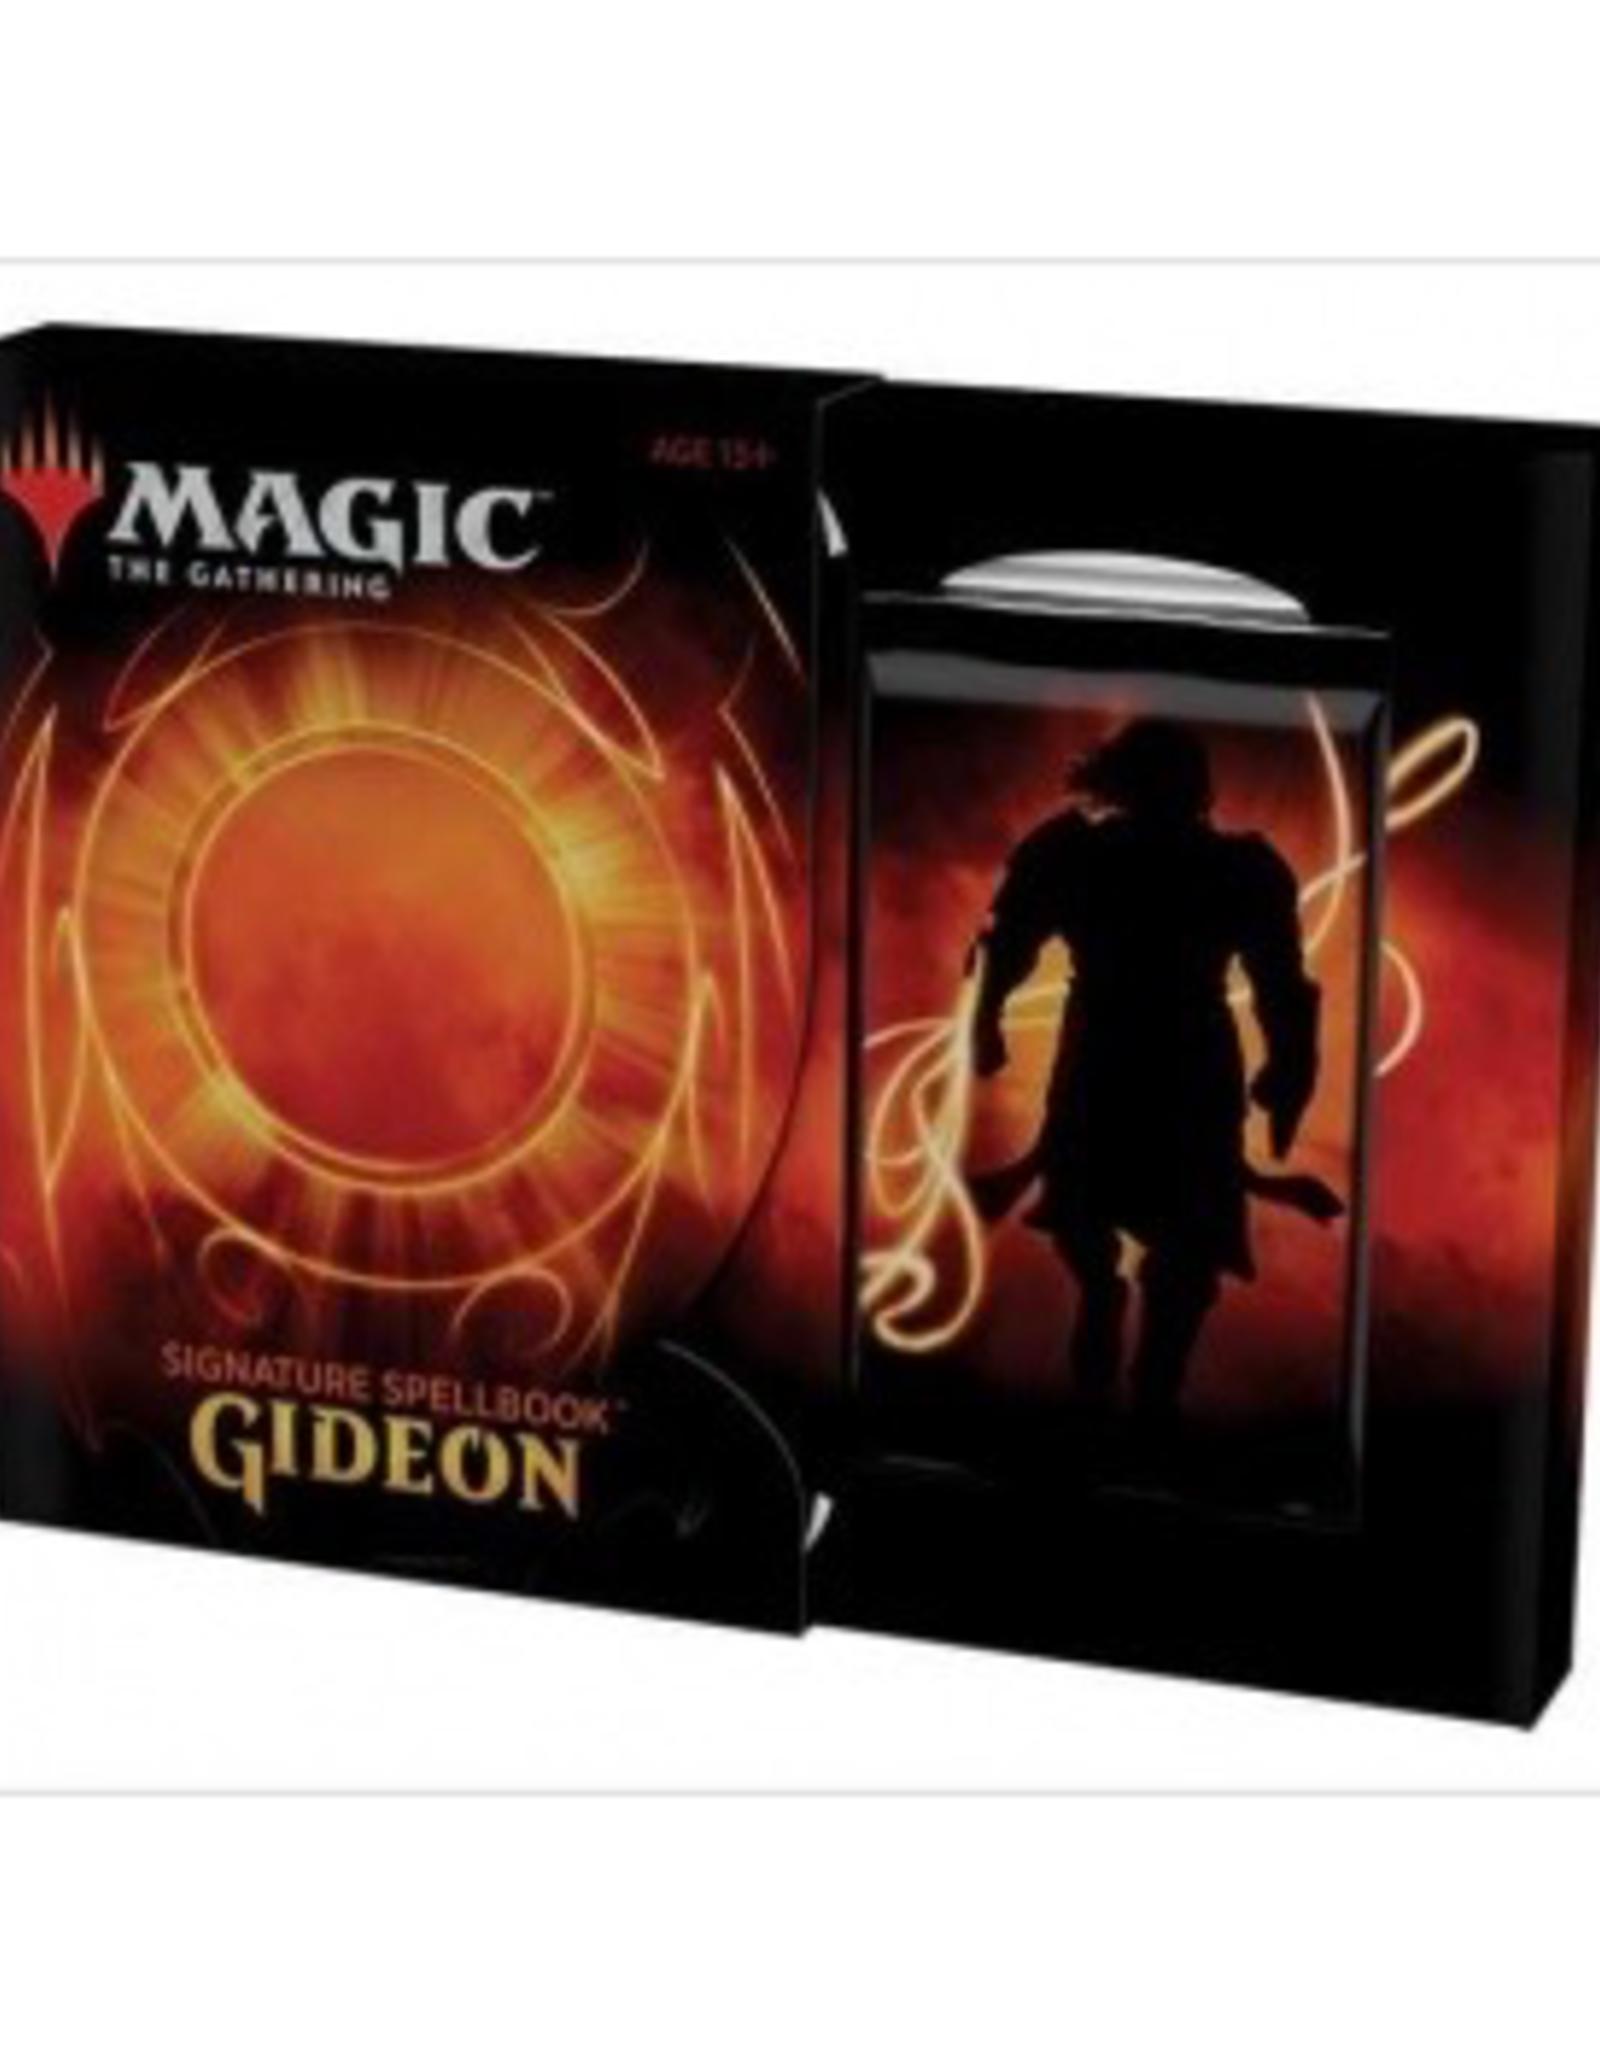 MTG - Spezial Box MTG - Signature Spellbook - Gideon - EN